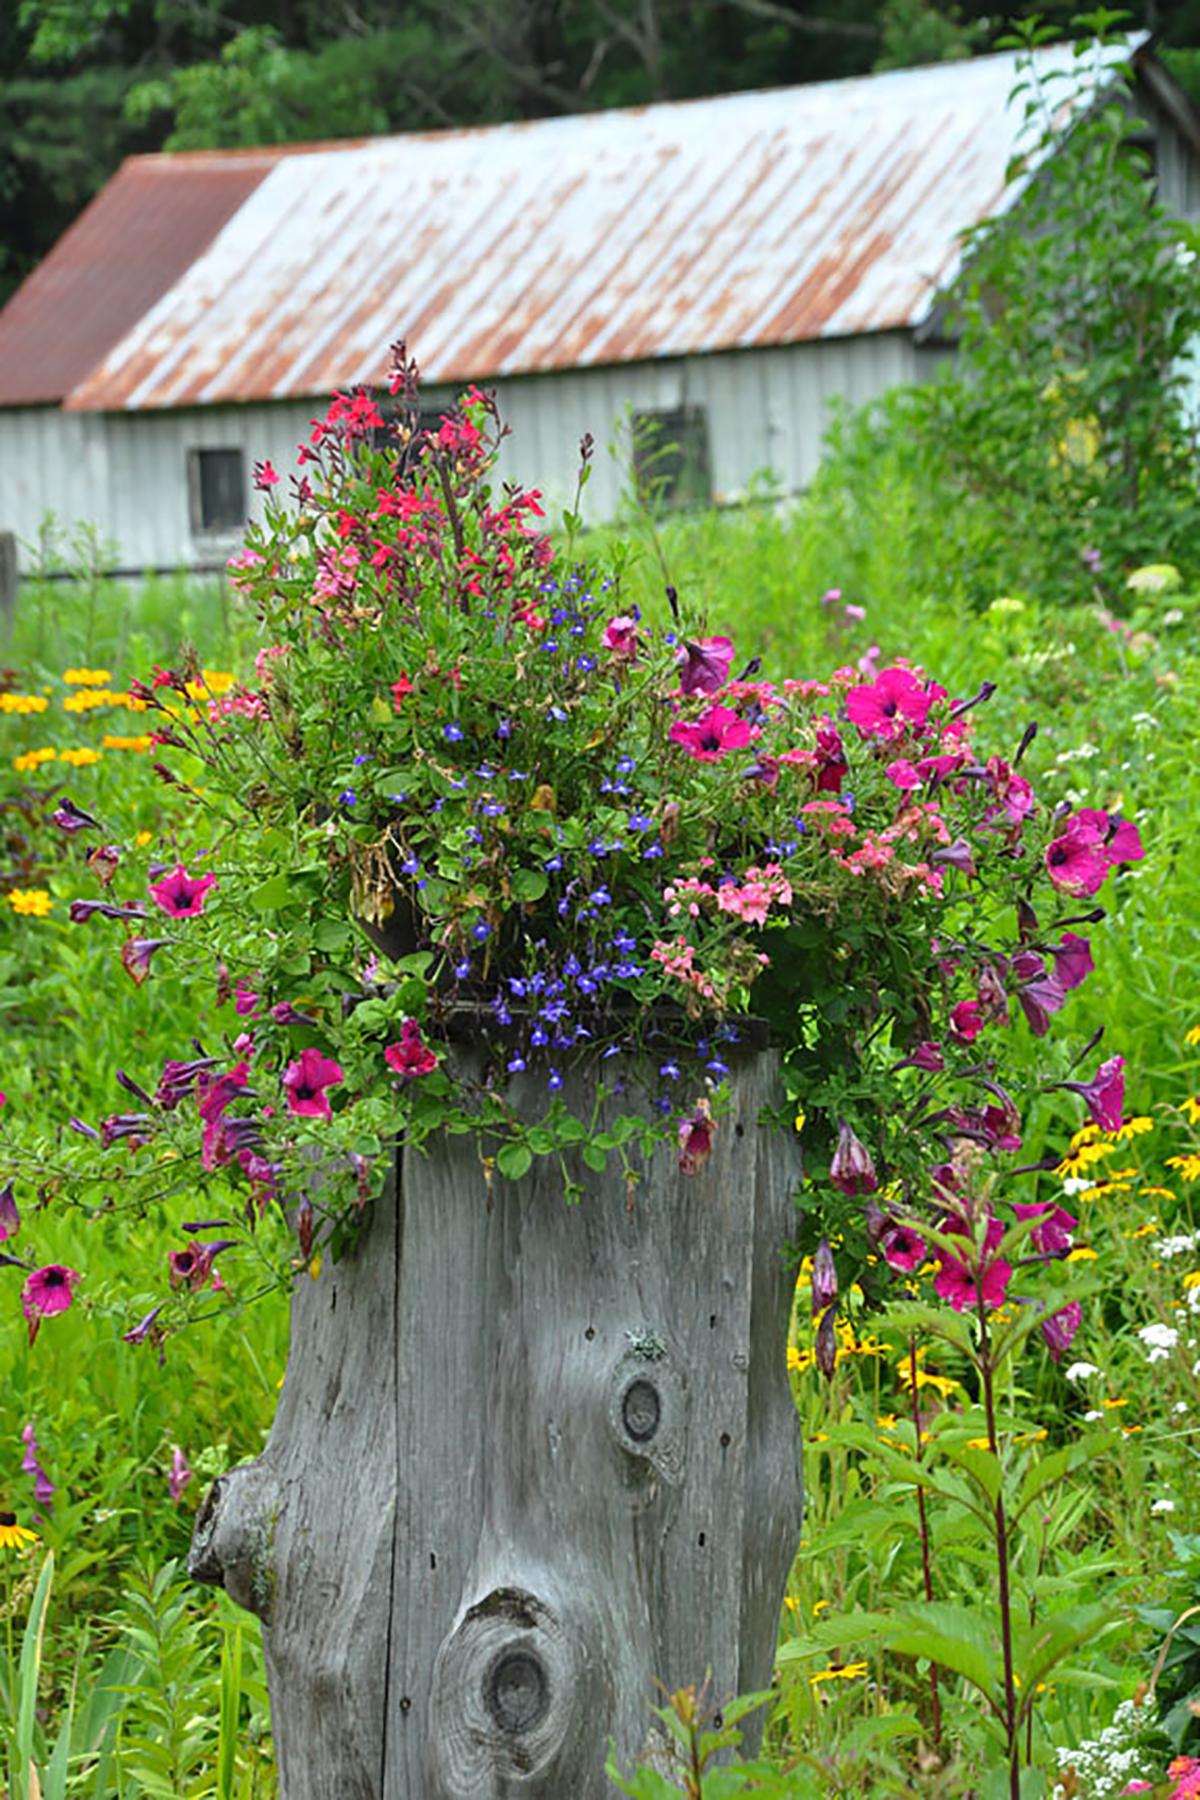 25 Small Backyard Ideas - Beautiful Landscaping Designs ... on Backyard Design Ideas For Small Yards id=84409